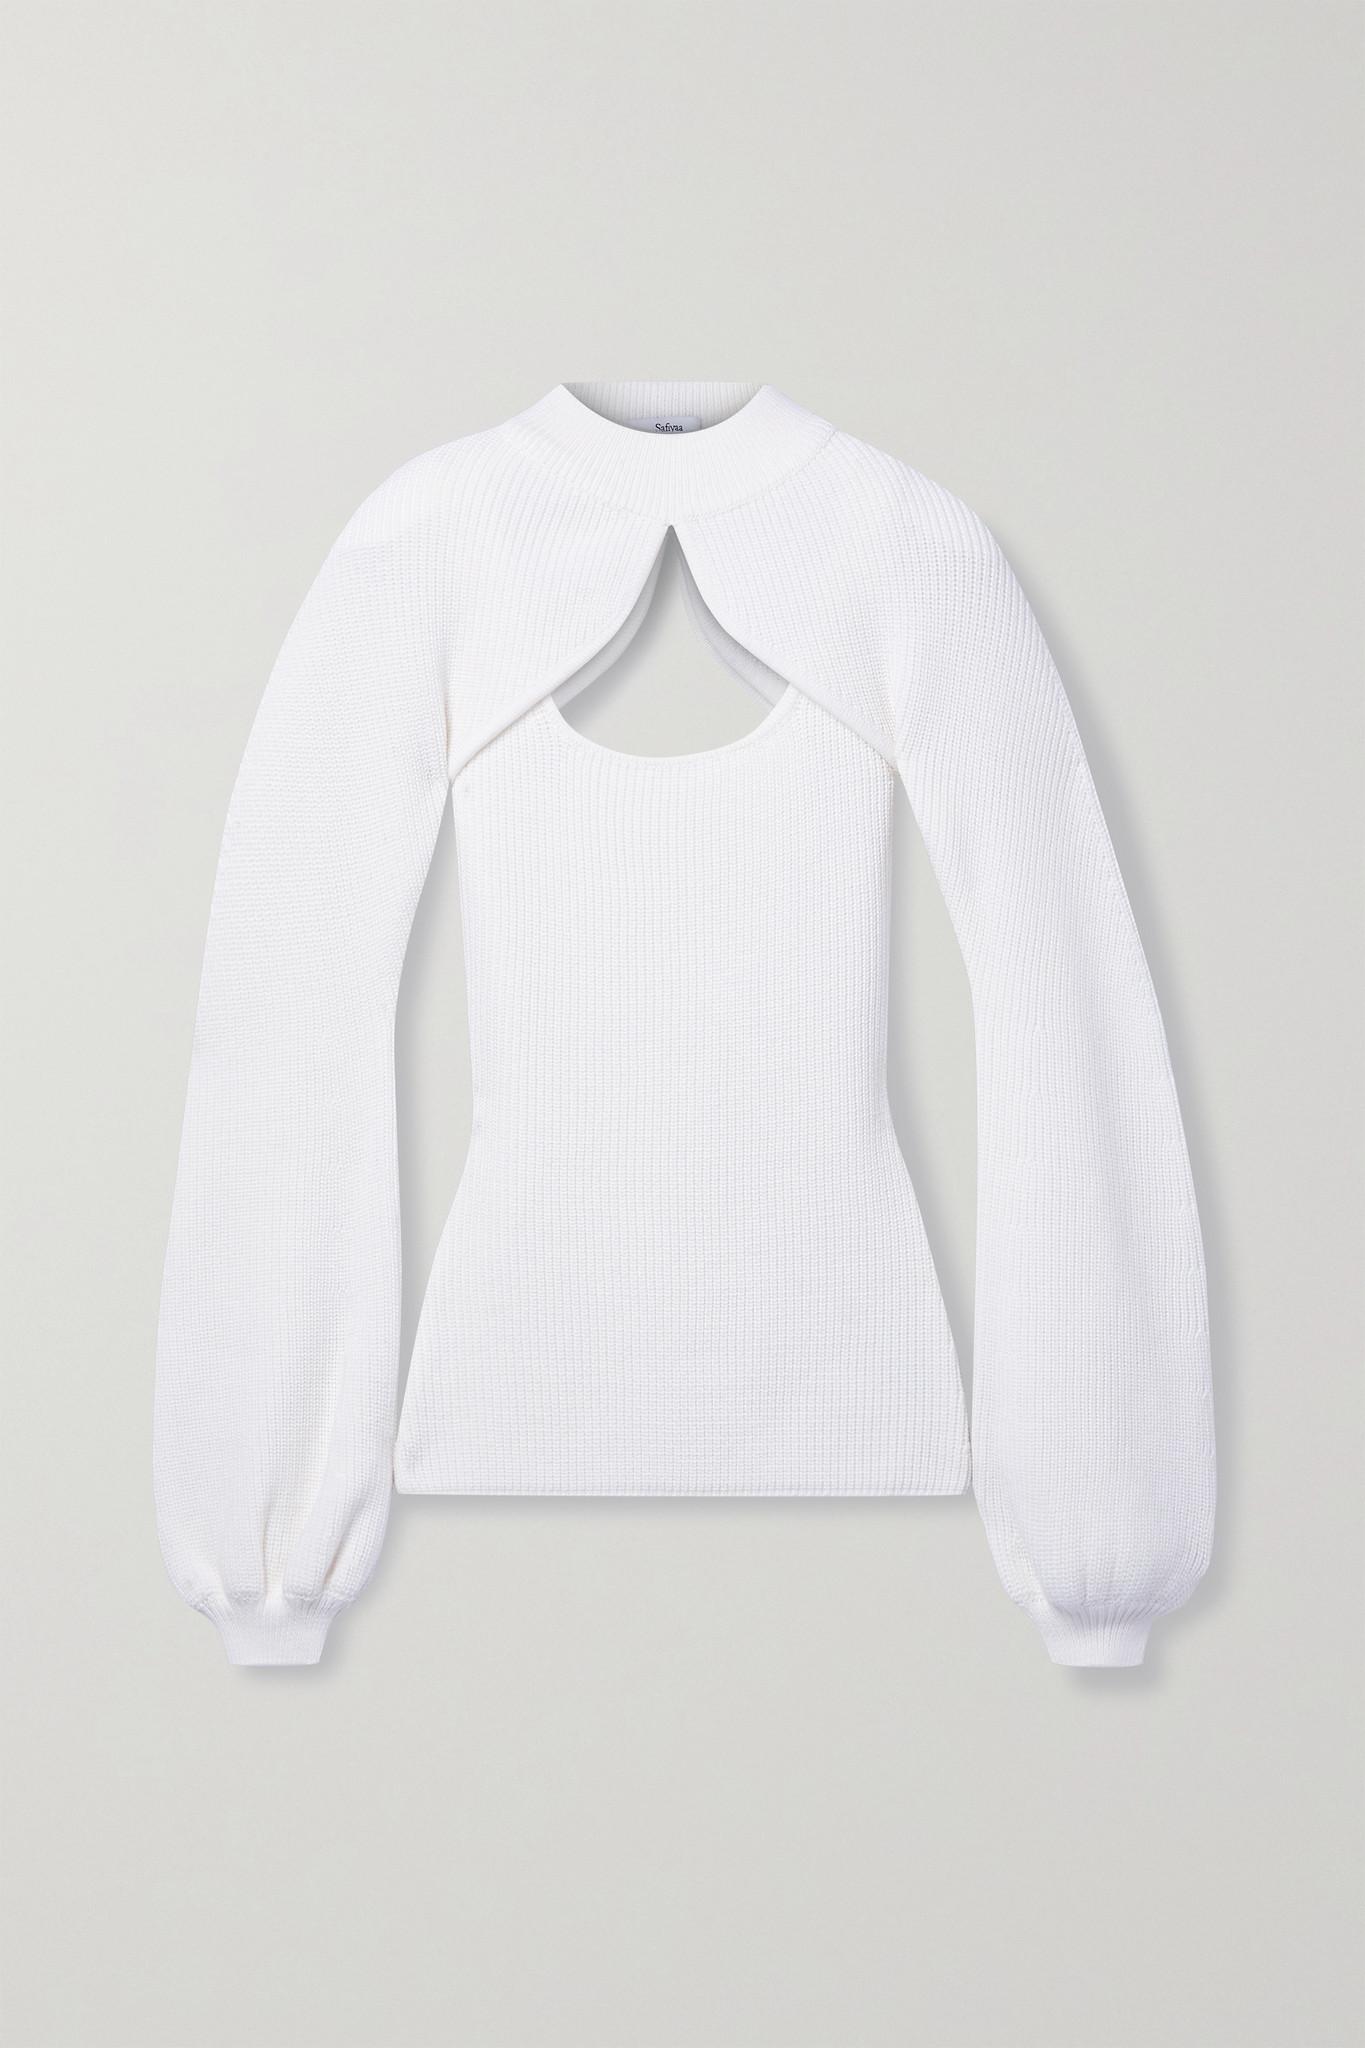 SAFIYAA - Sabrine Ribbed Merino Wool Sweater And Tank Set - Ivory - small